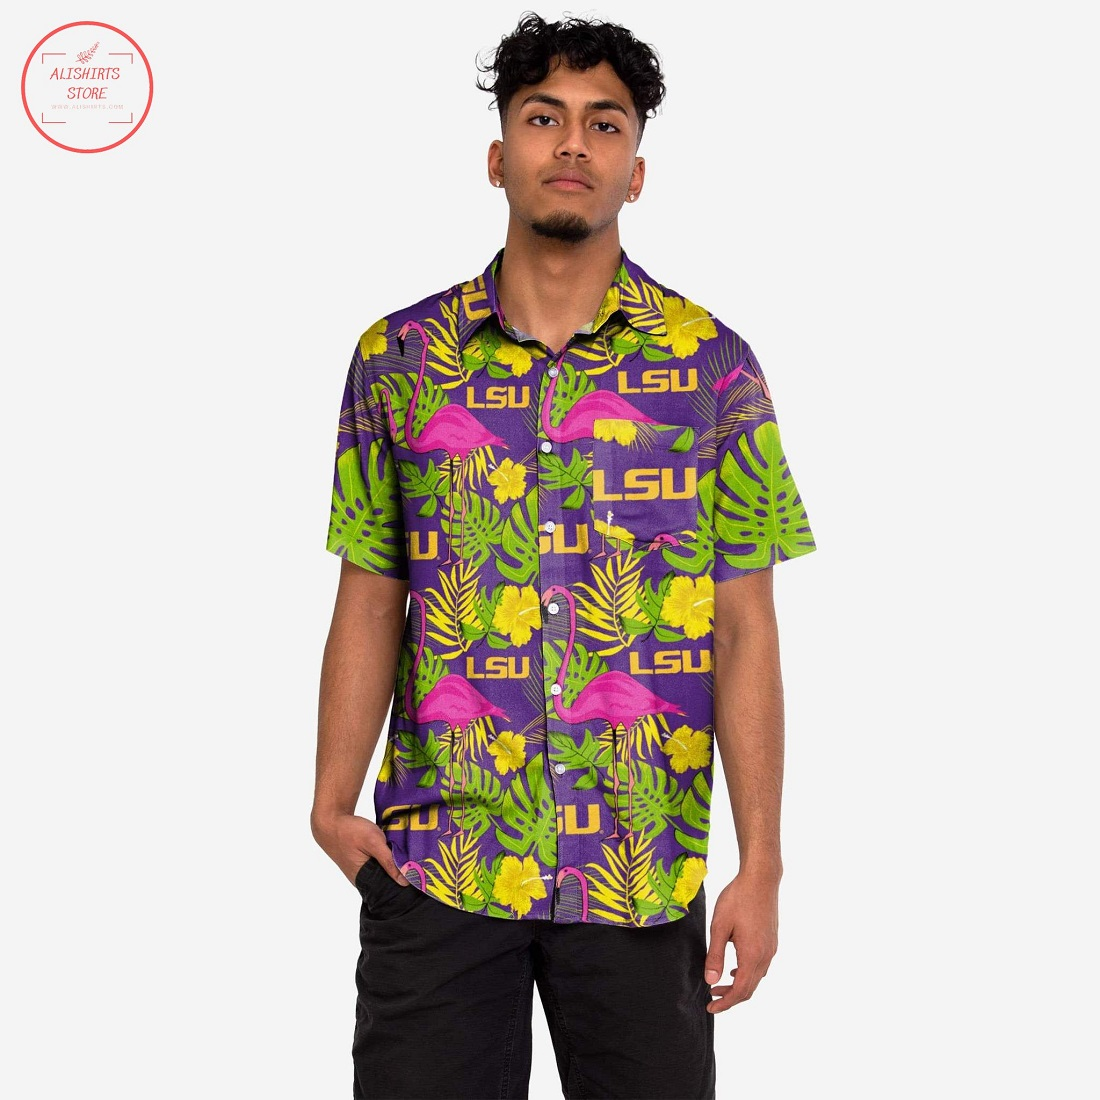 LSU Tigers Highlights Hawaiian Shirt